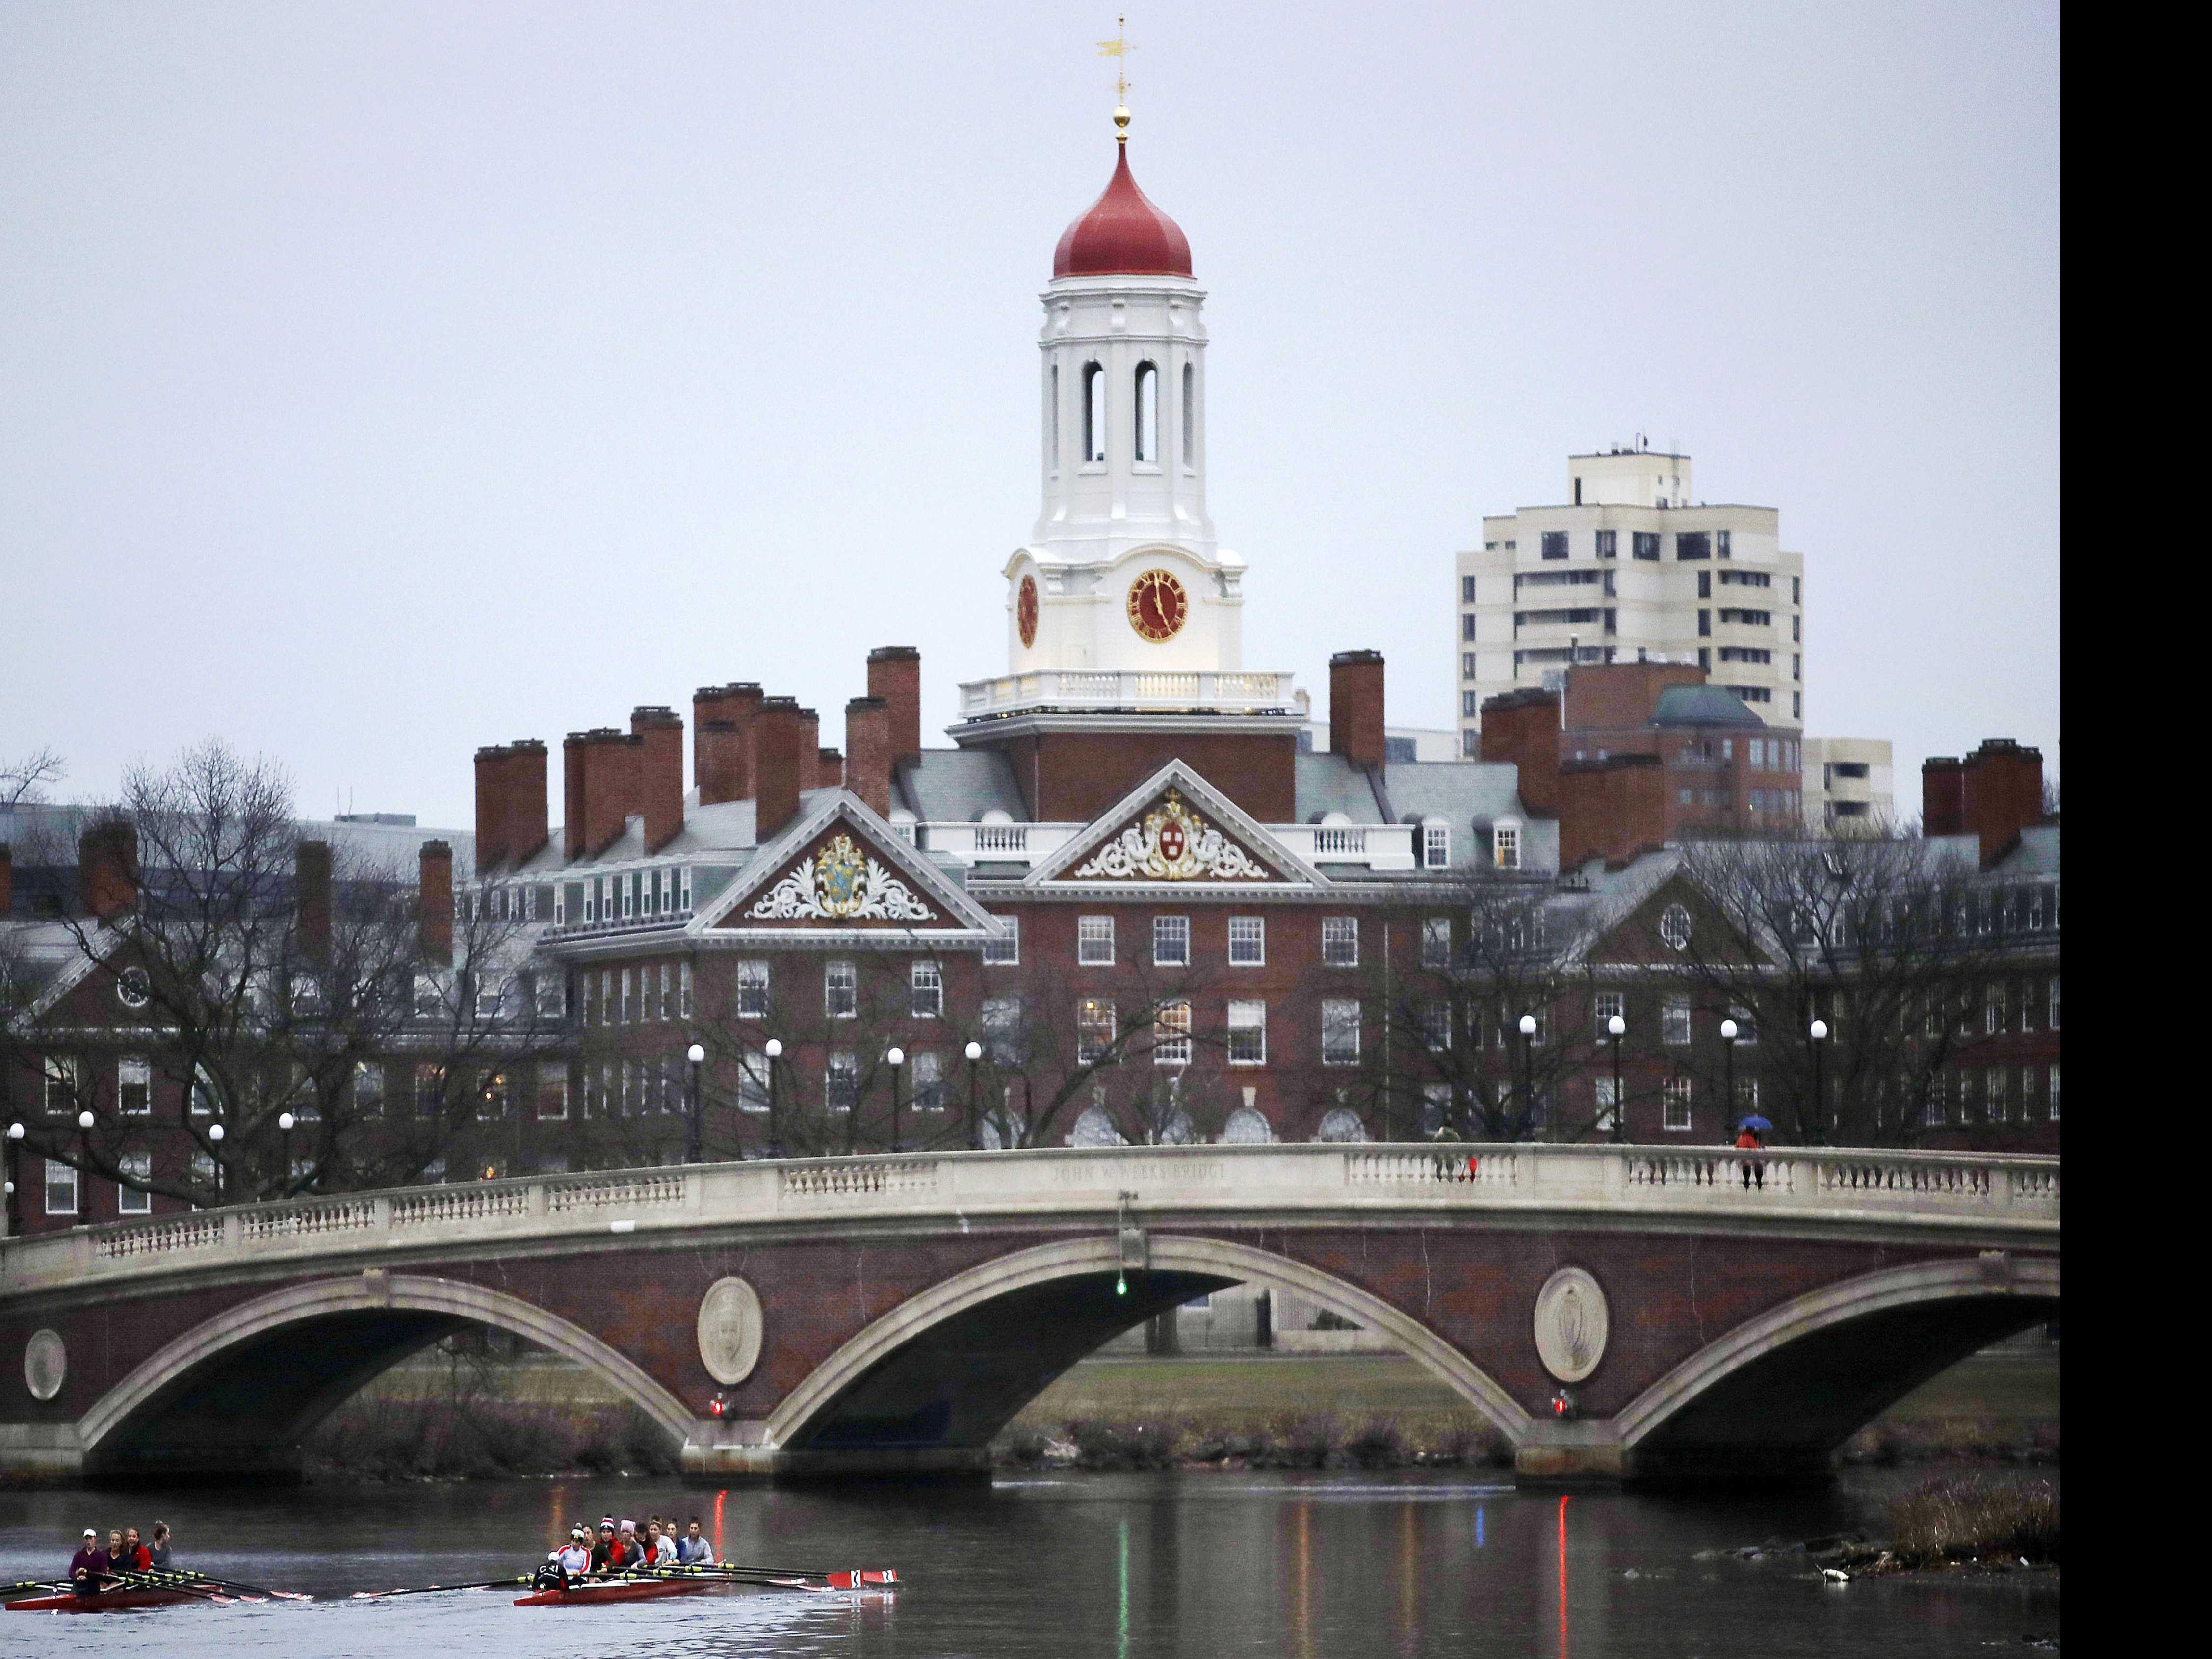 Suit Alleging Bias Pulls Back Curtain on Harvard Admissions